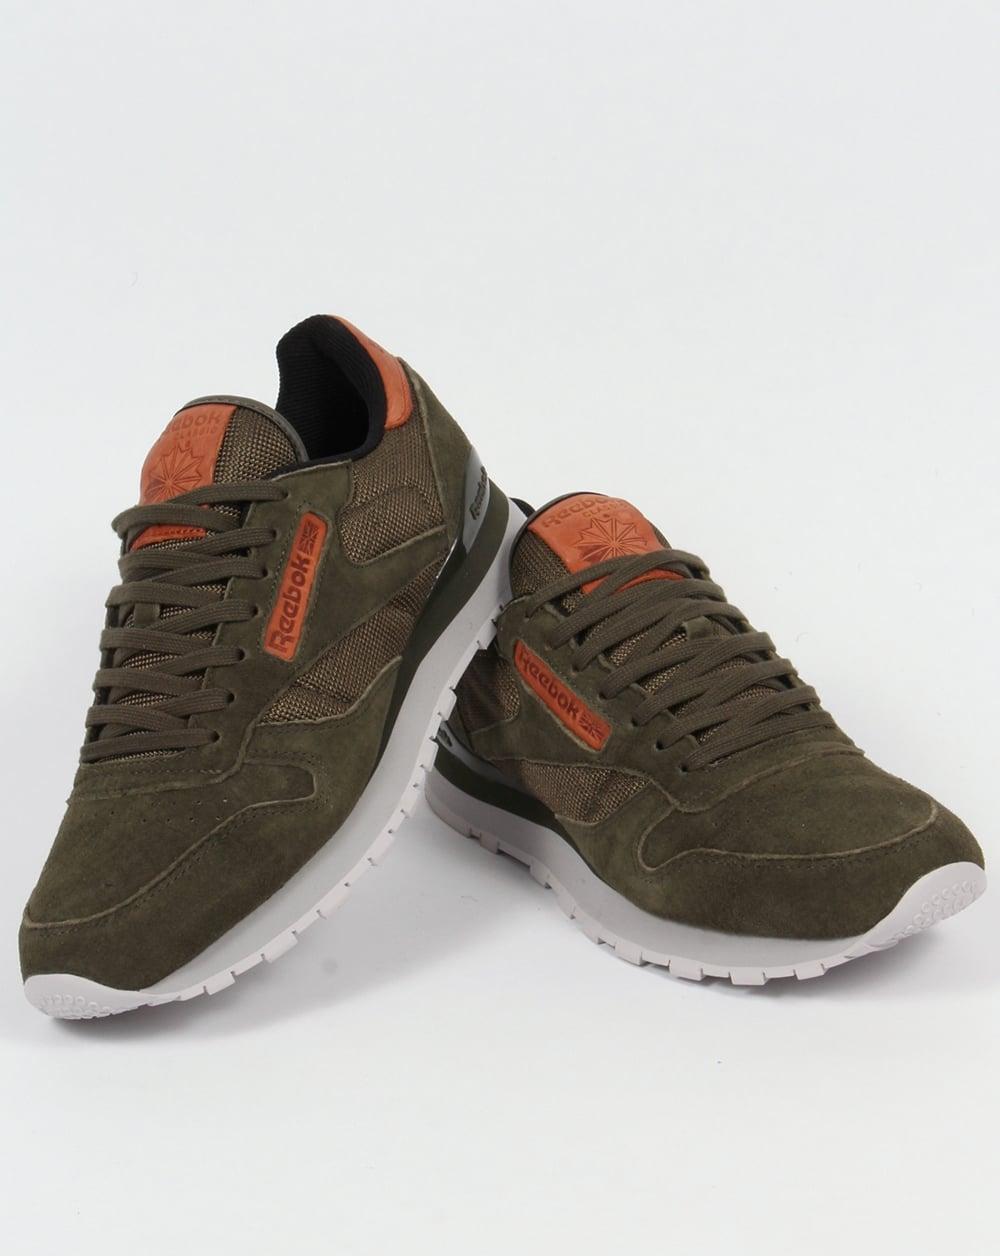 1f6188a6219 ... Reebok Classic Leather OL Trainers Poplar Green ...